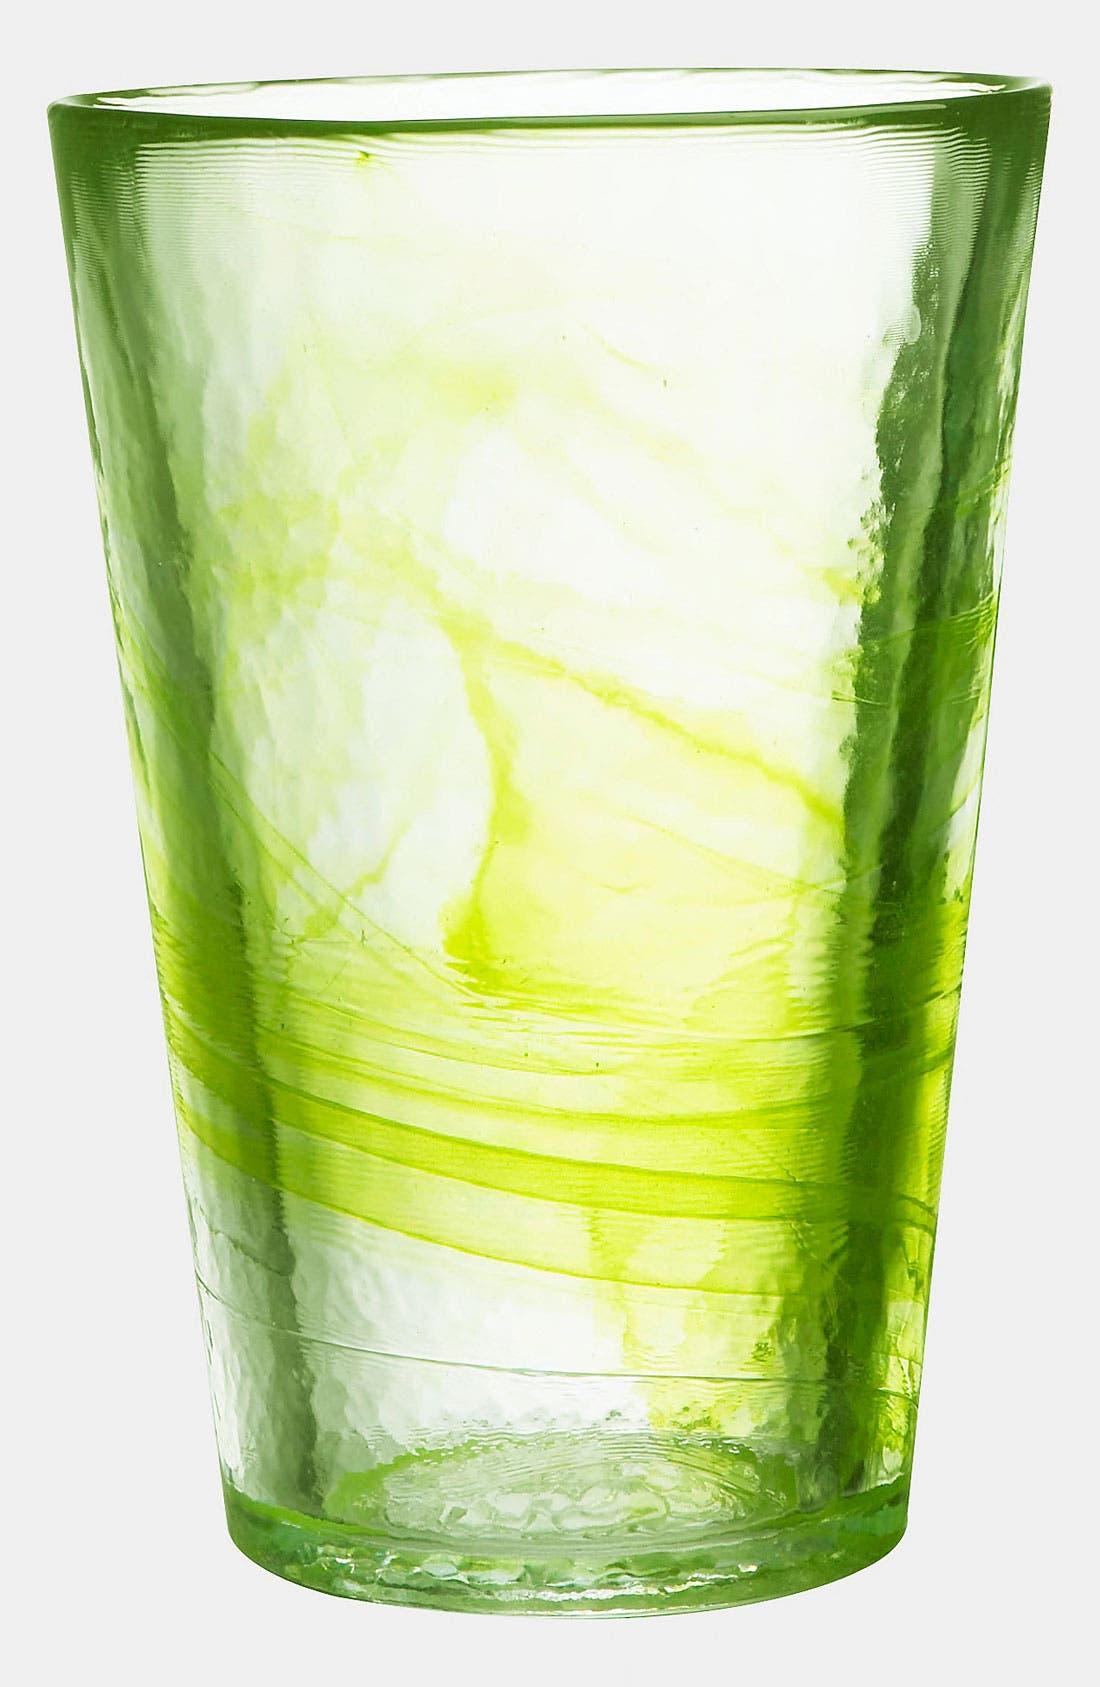 Alternate Image 1 Selected - Kosta Boda 'Mine' Vase